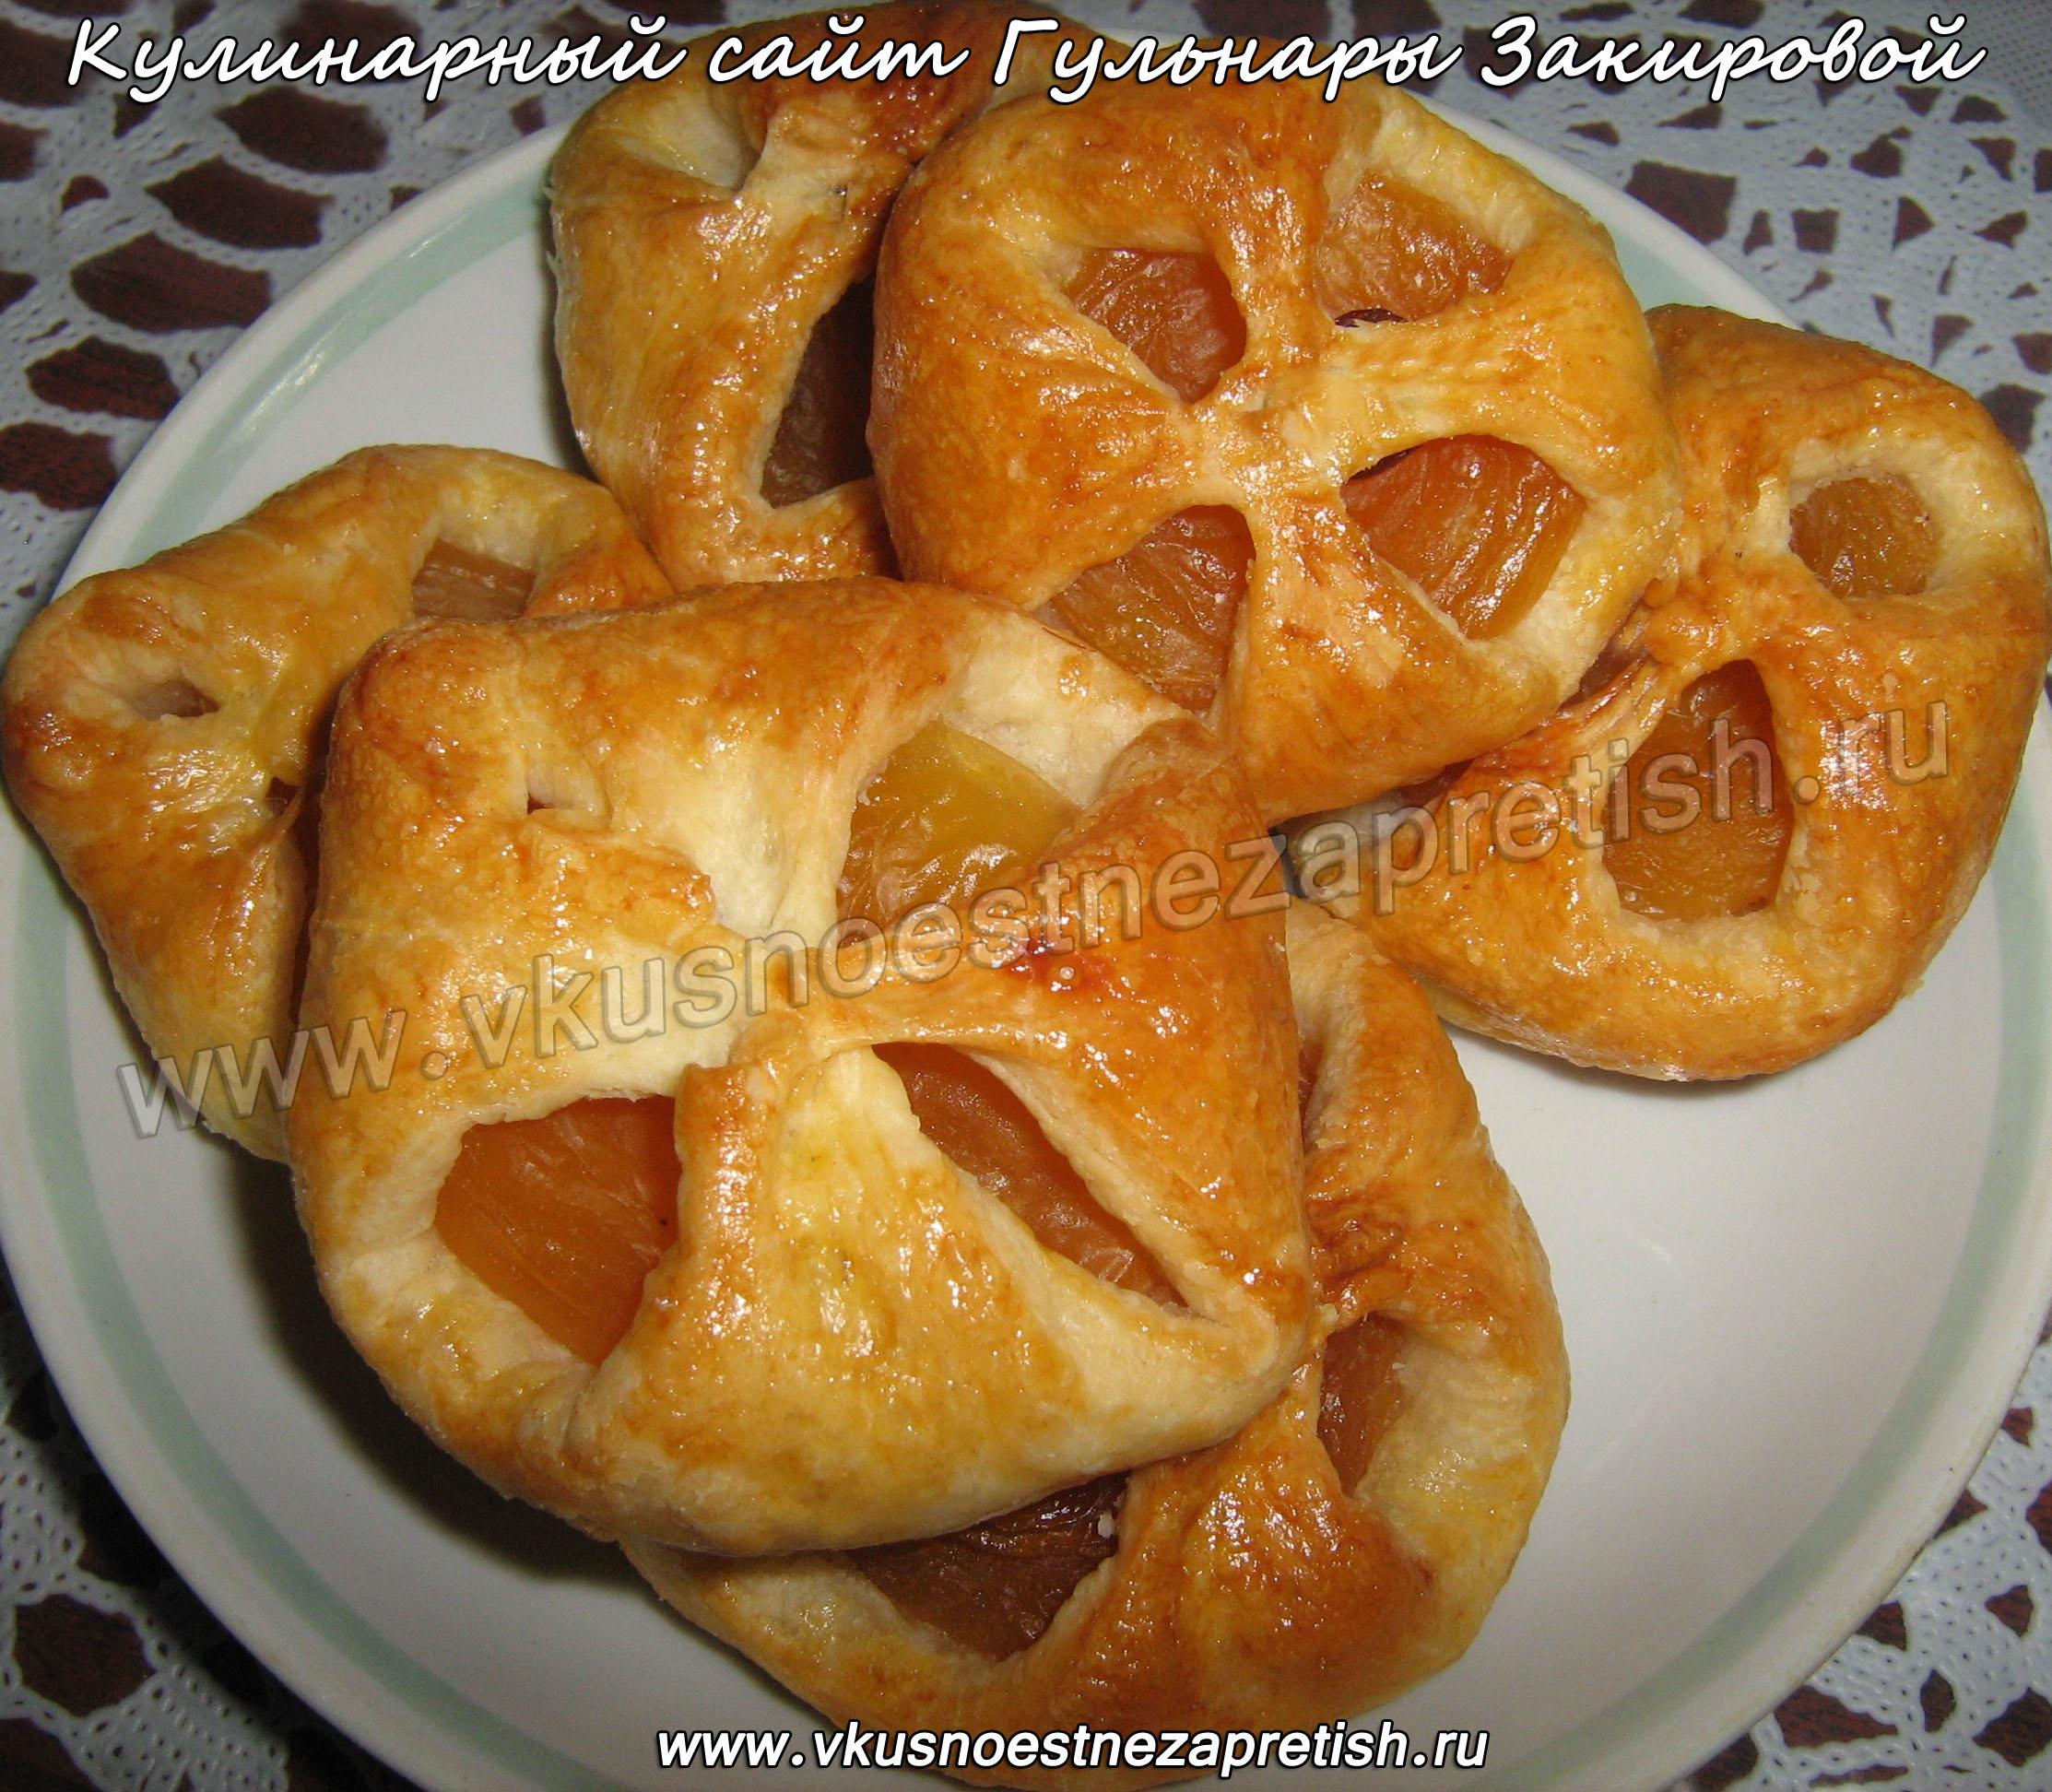 Слоеные пирожки с абрикосами рецепт